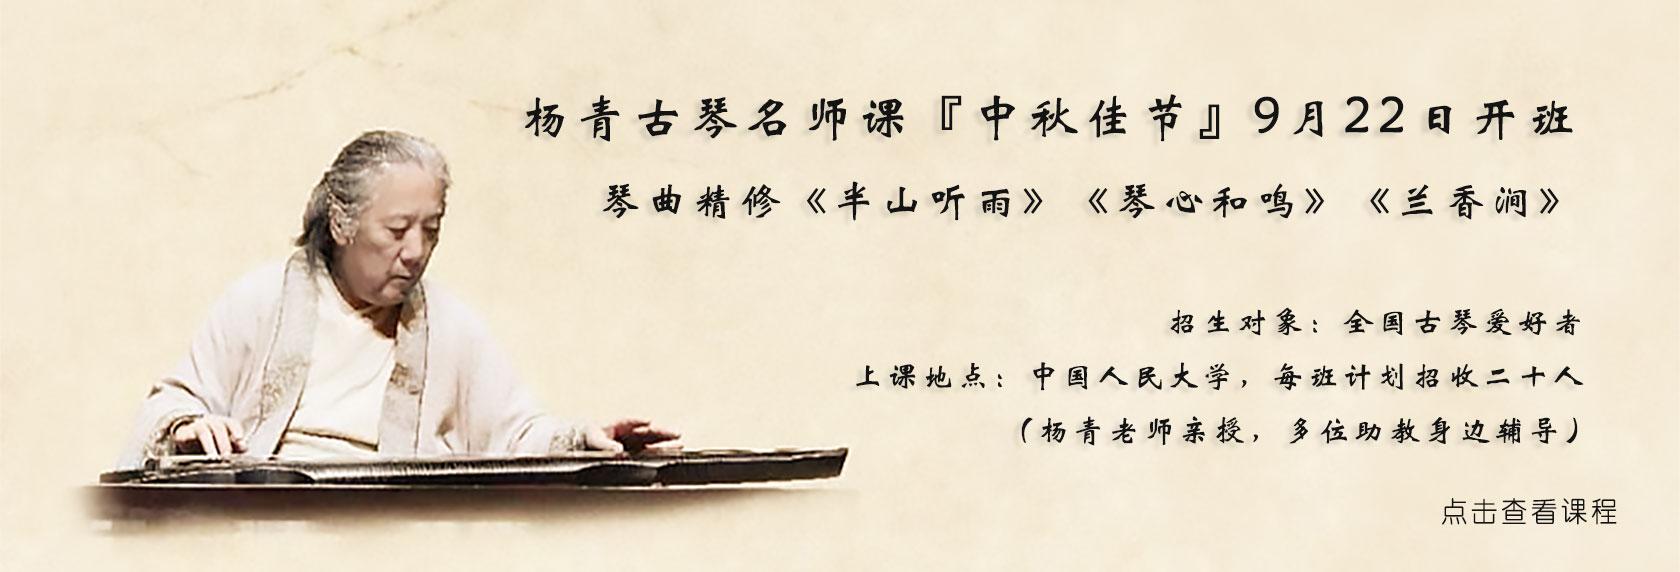 杨青古琴名师班【潇湘水云】